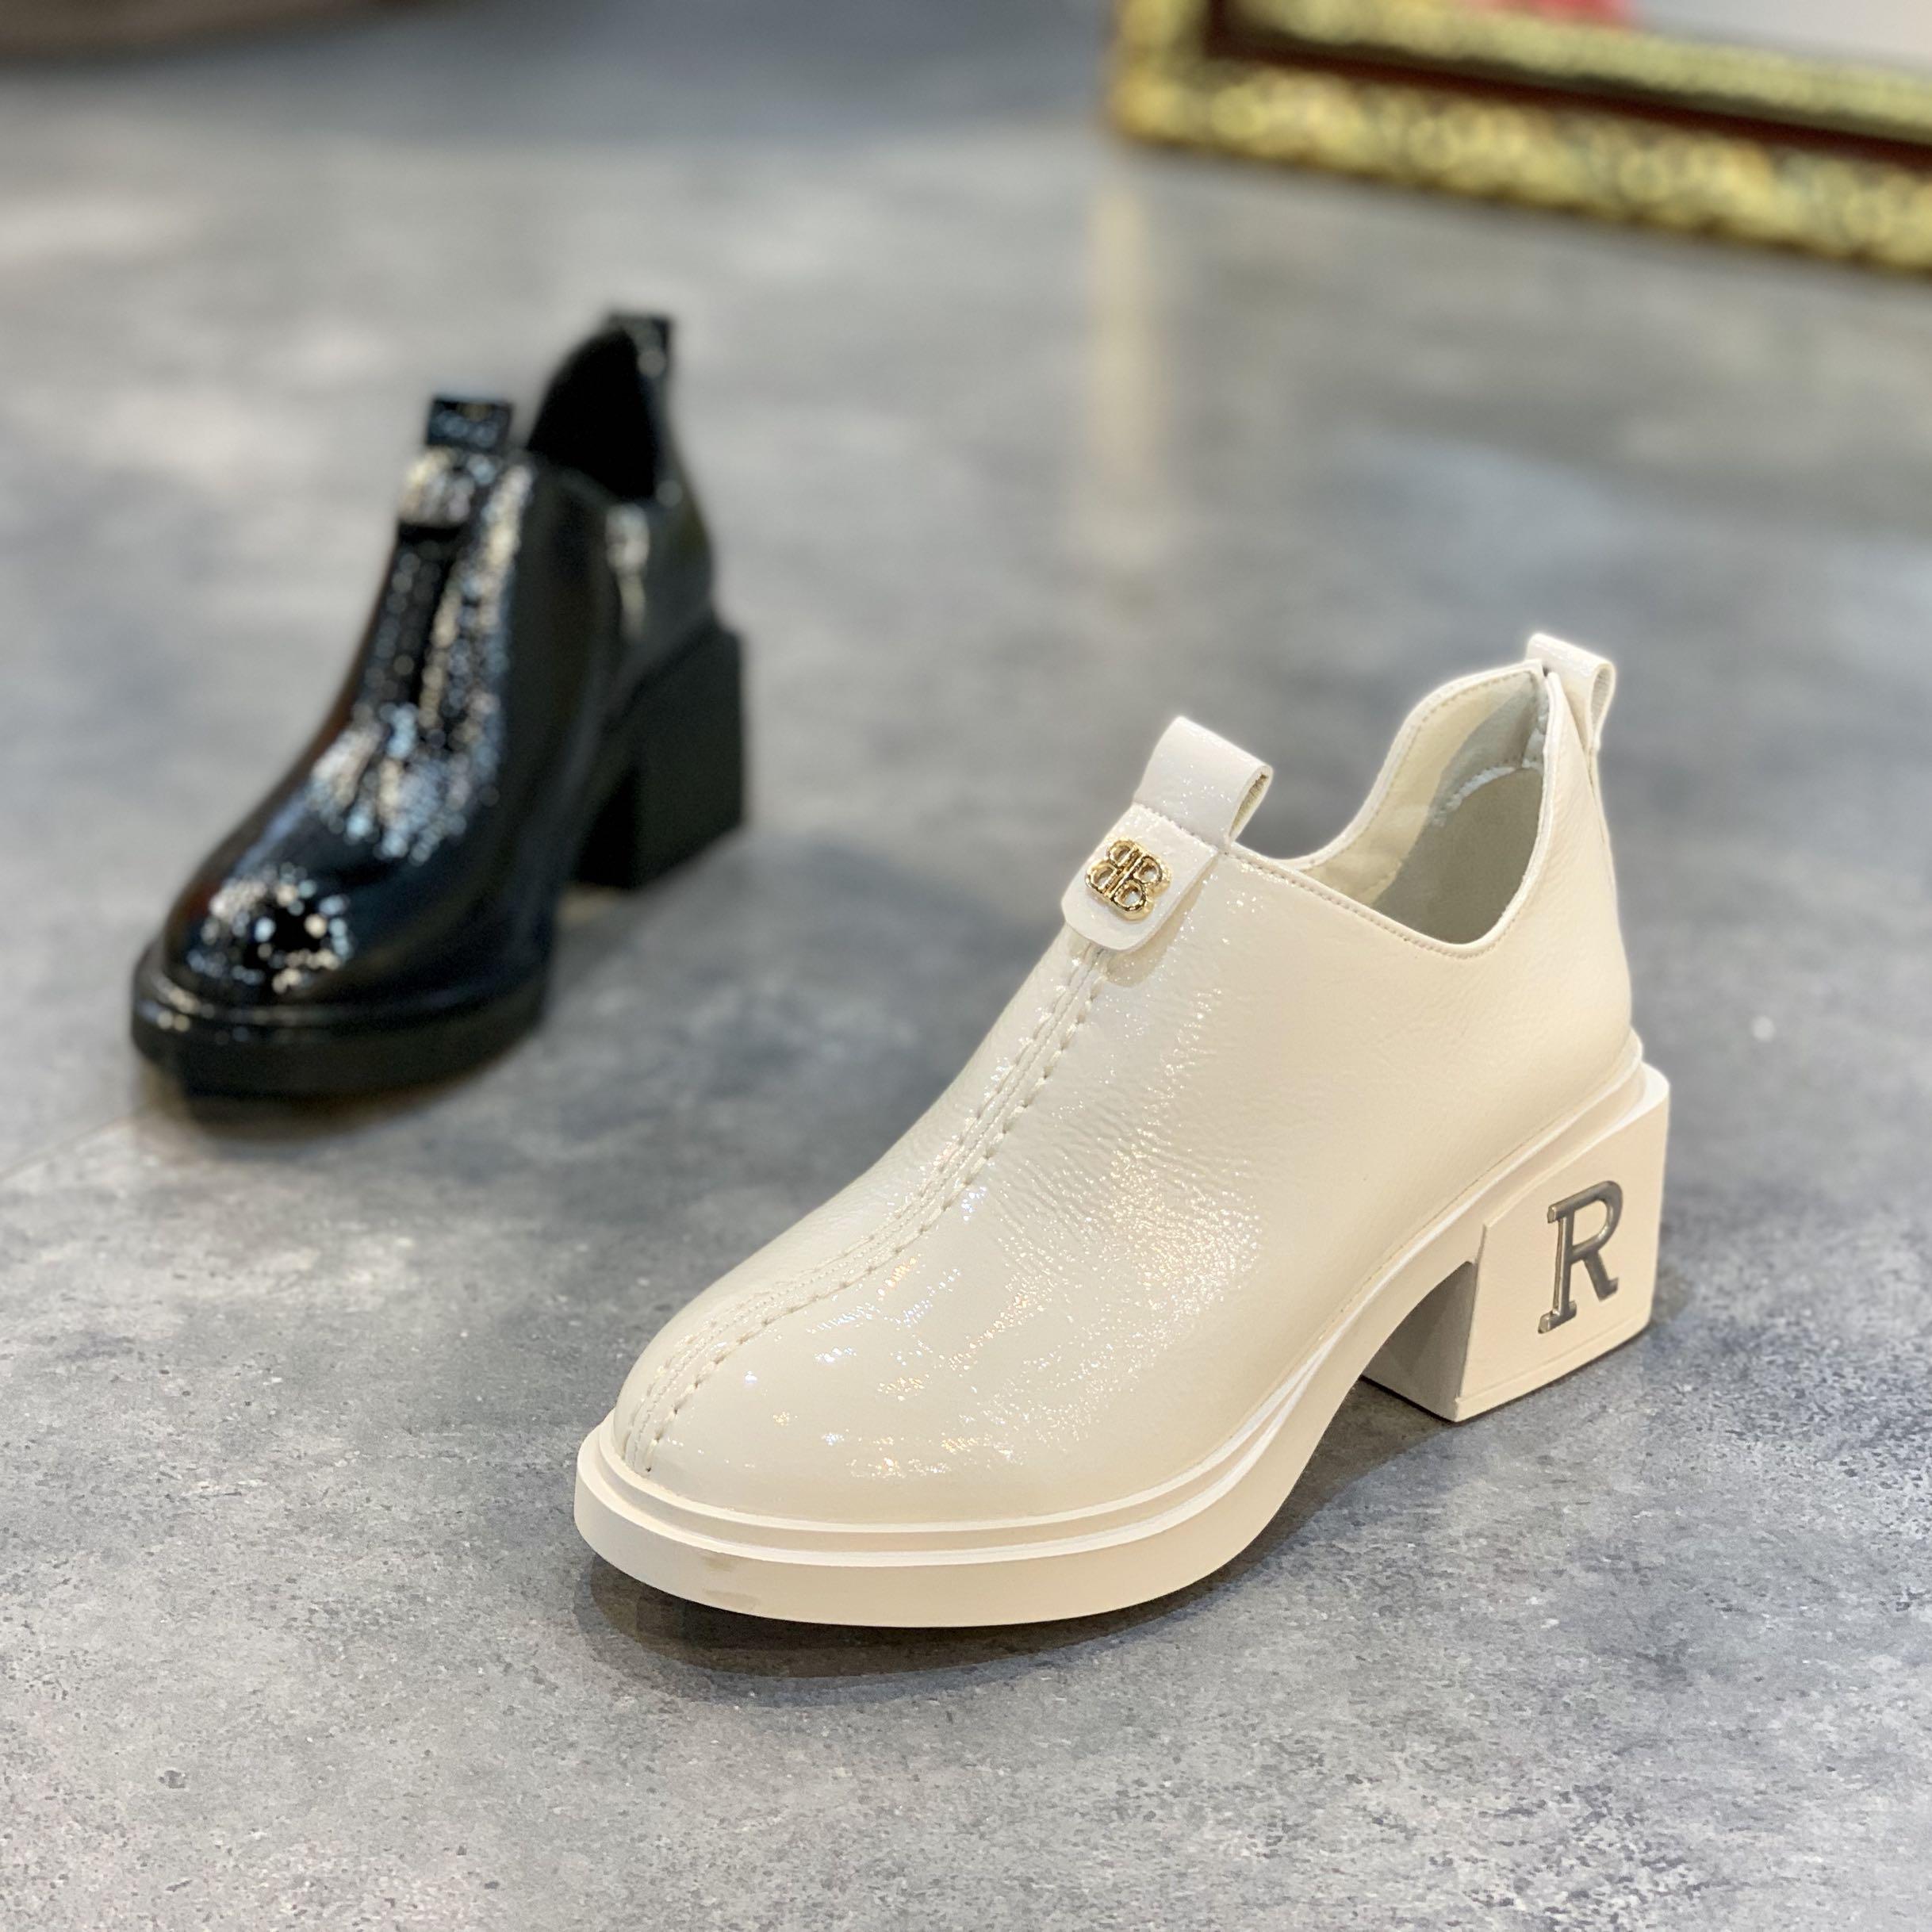 欧洲站女鞋2019春秋新款粗跟漆皮单鞋女厚底英伦时尚亮皮高跟鞋潮